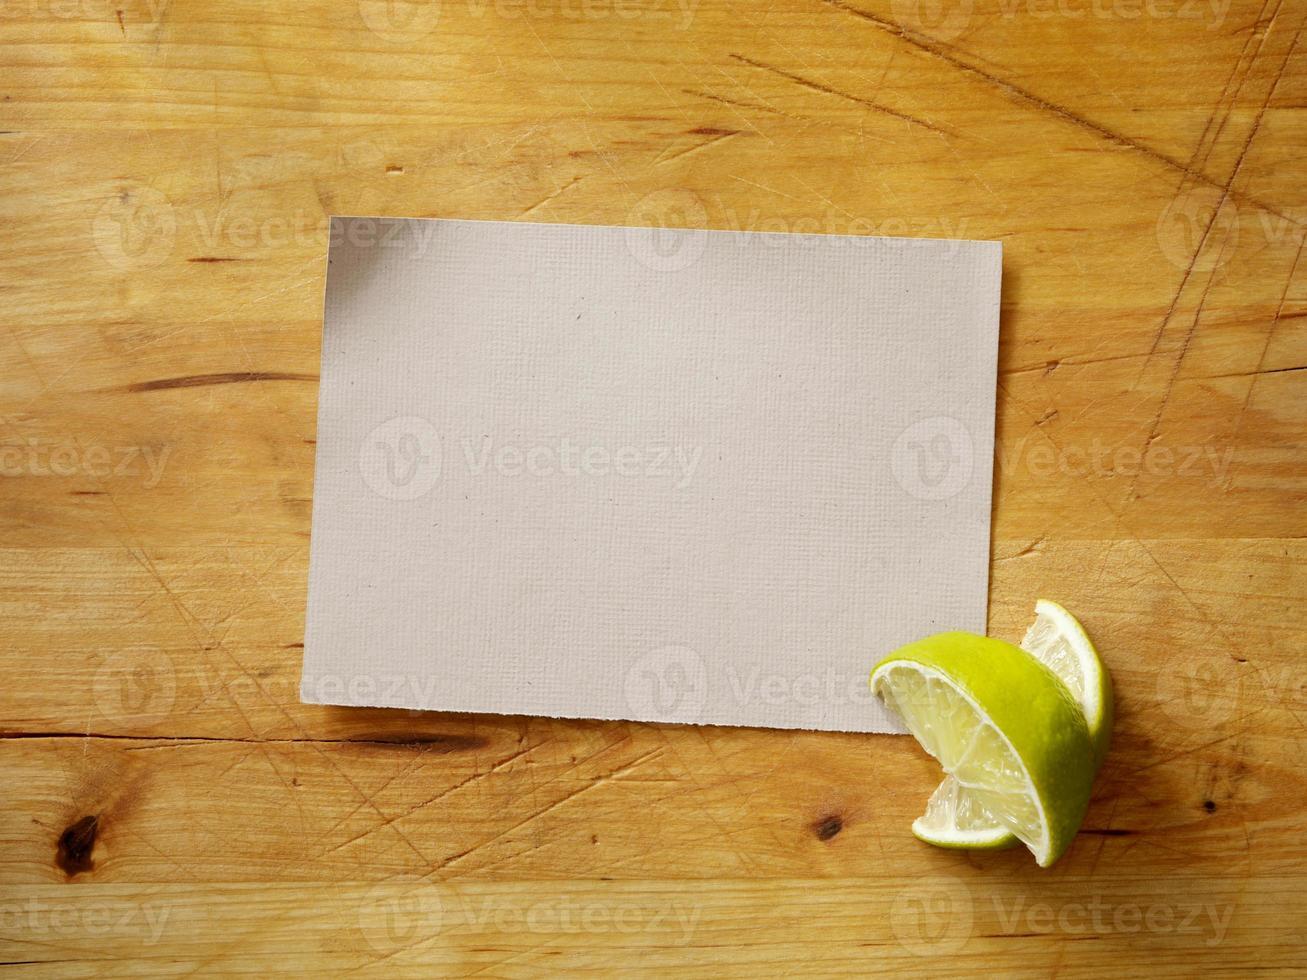 Rezeptkarte mit frischen Limetten foto